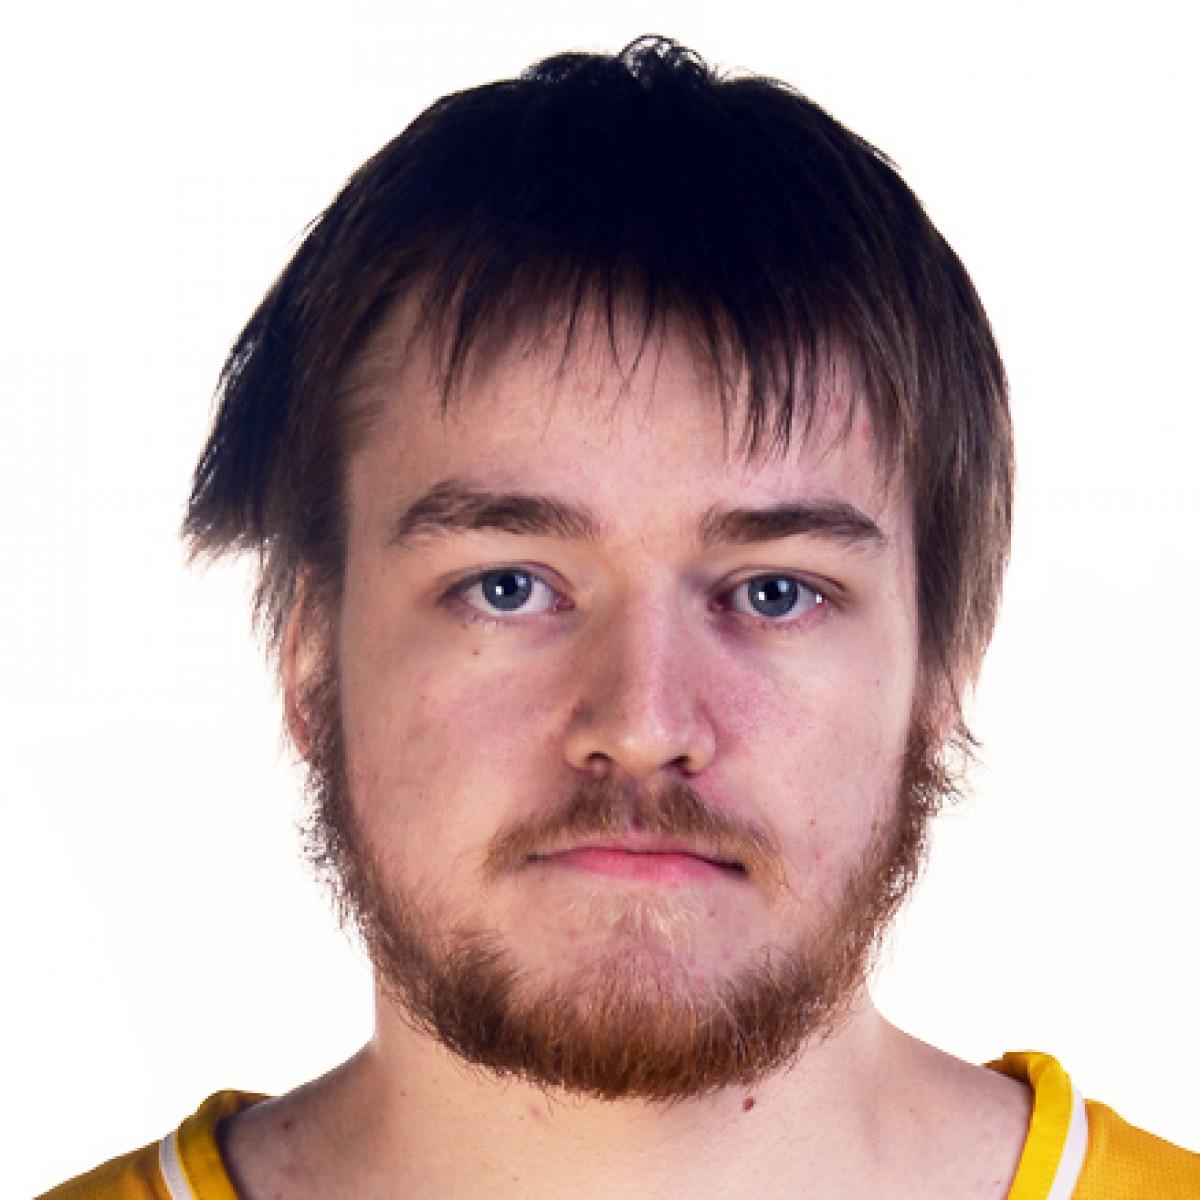 Kyrylo Podkovyrov